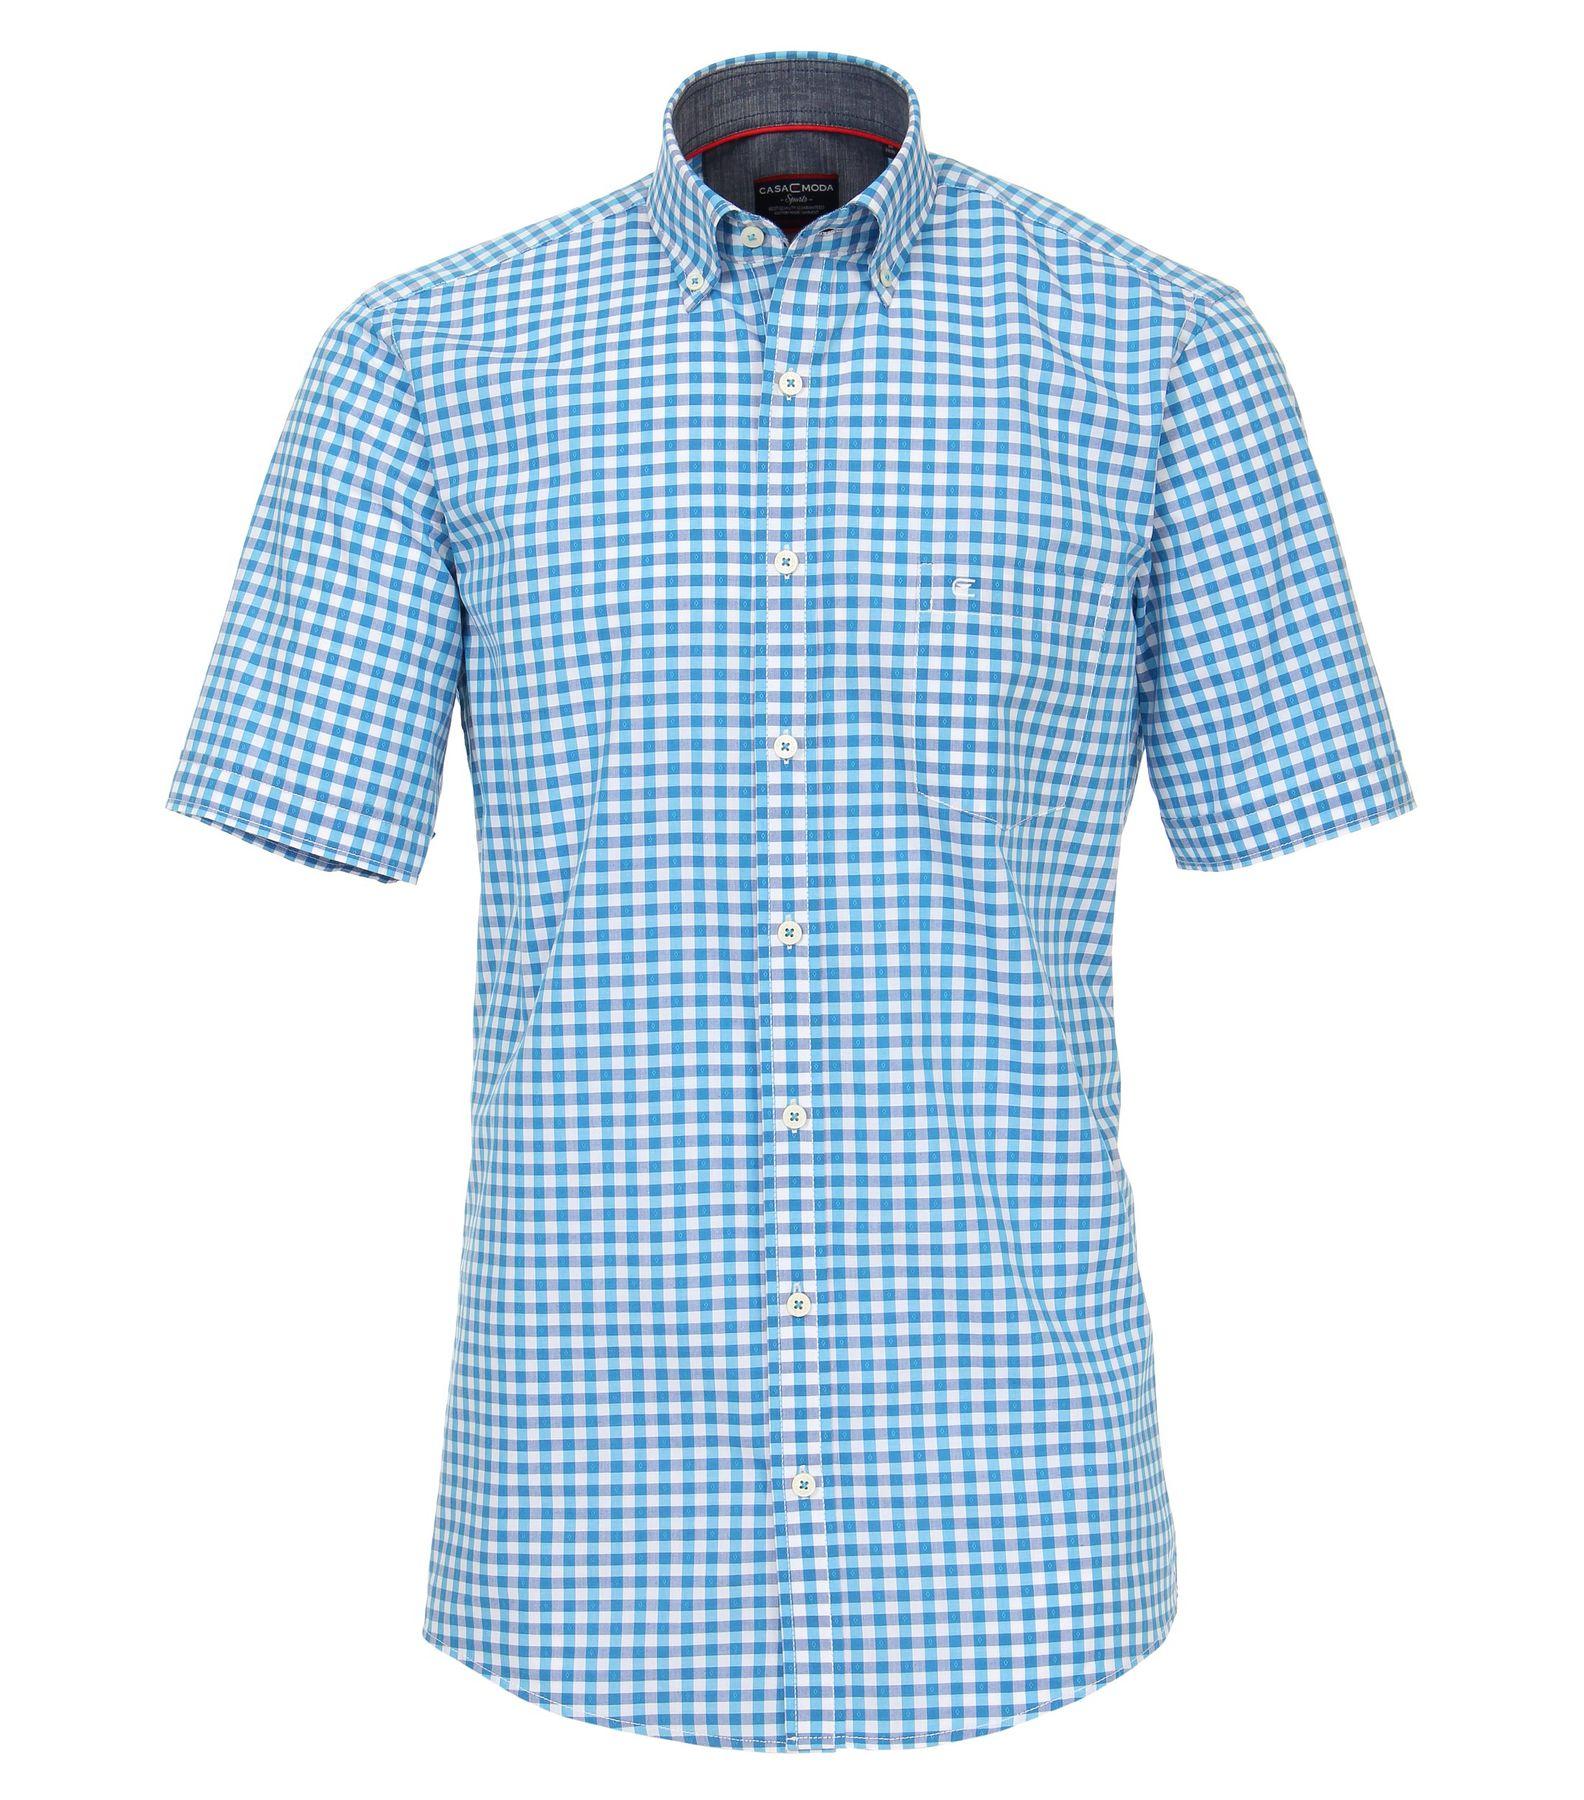 Casa Moda - Comfort Fit - Dobby Herren Freizeit 1/2-Arm-Hemd kariert mit Button-Down Kragen in türkis oder anthrazit (982972600) – Bild 1